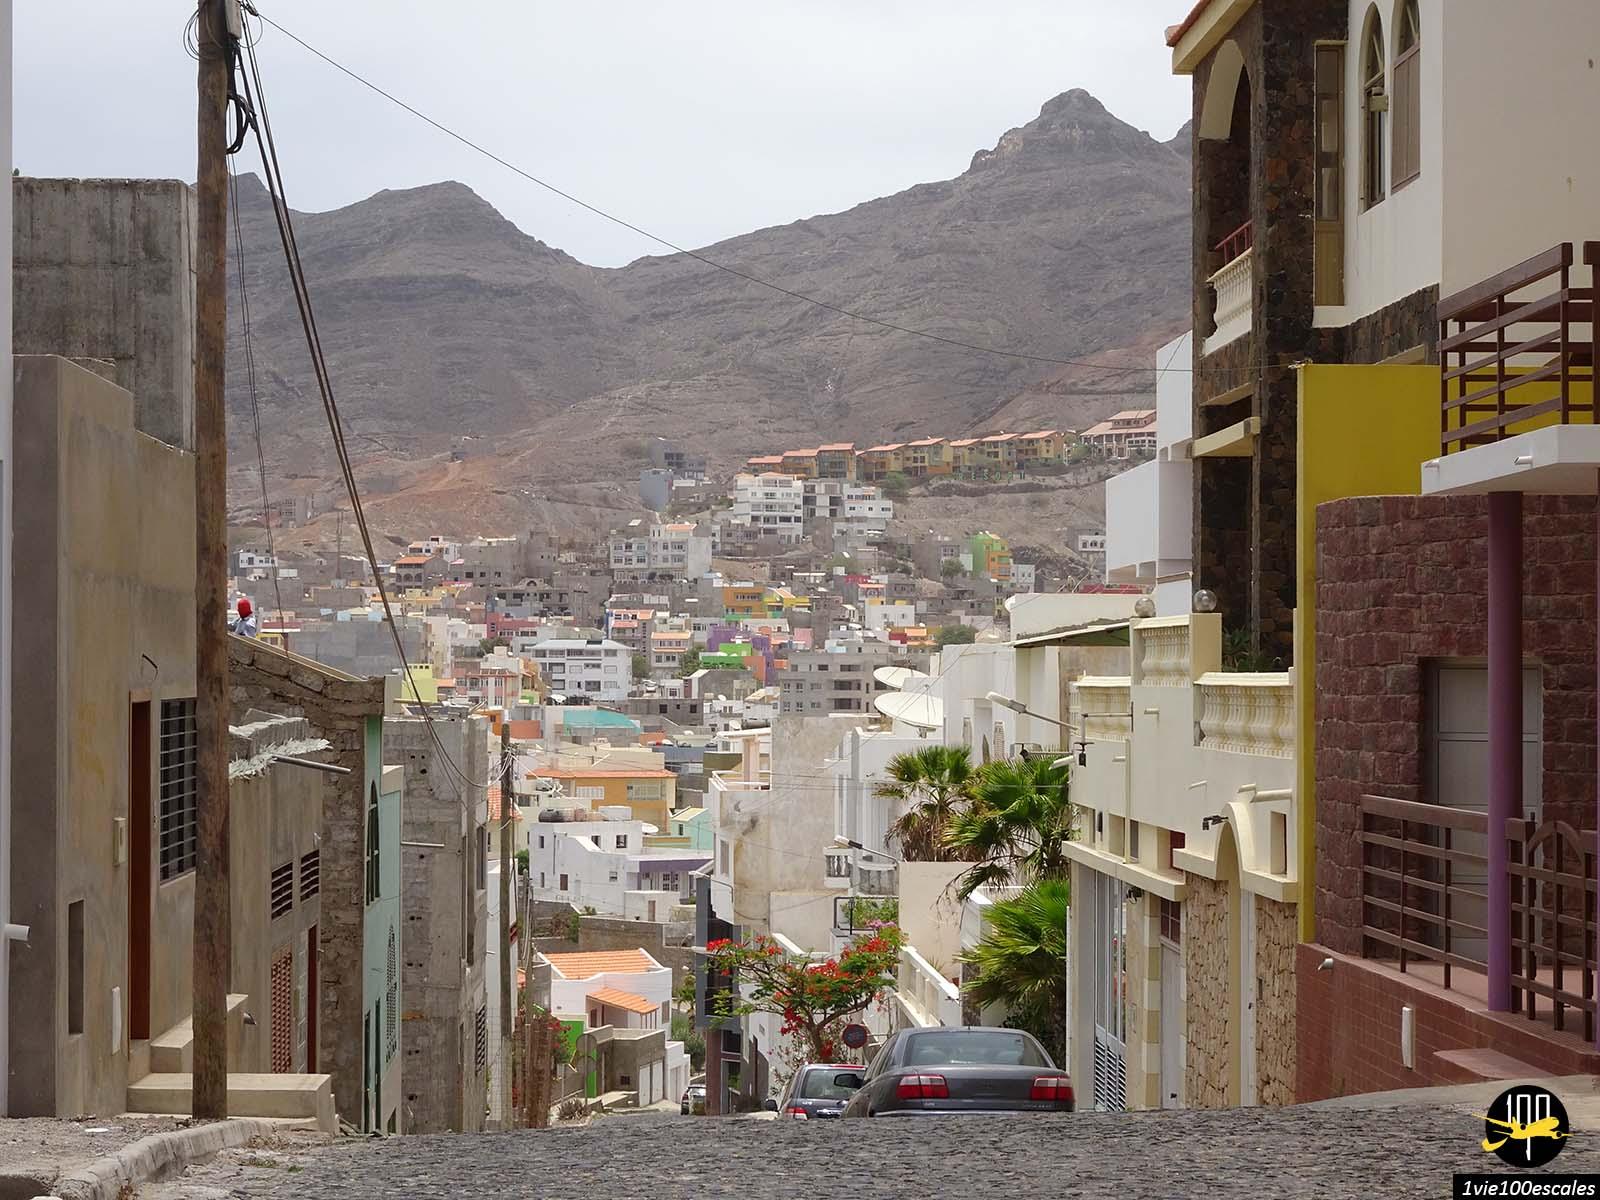 Dans un quartier en hauteur de Mindelo sur l'île de Sao Vicente